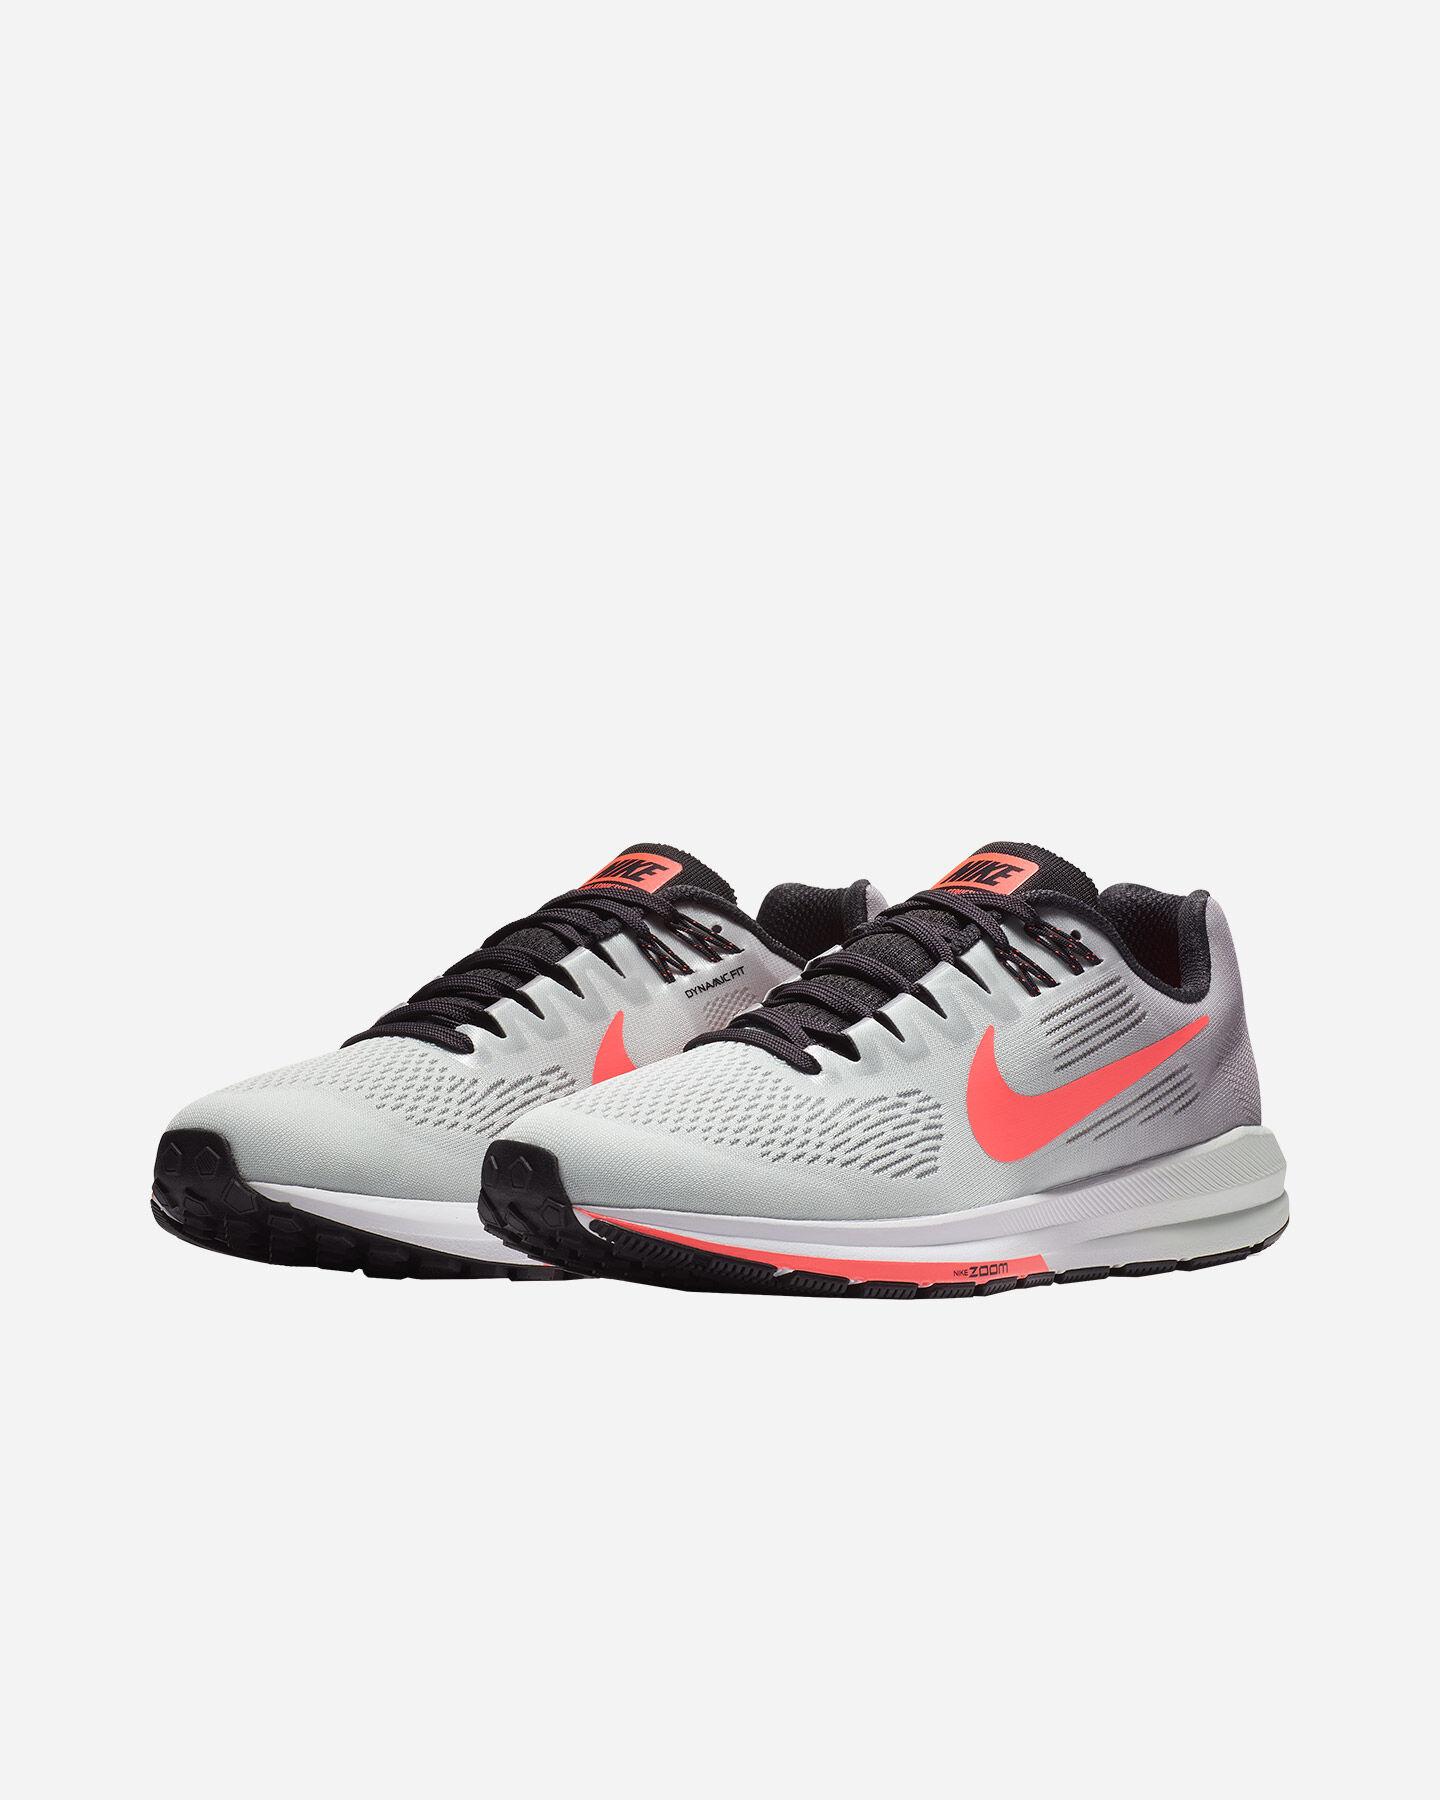 009 W 904701 Nike Scarpe Running 21 Cisalfa Zoom Air